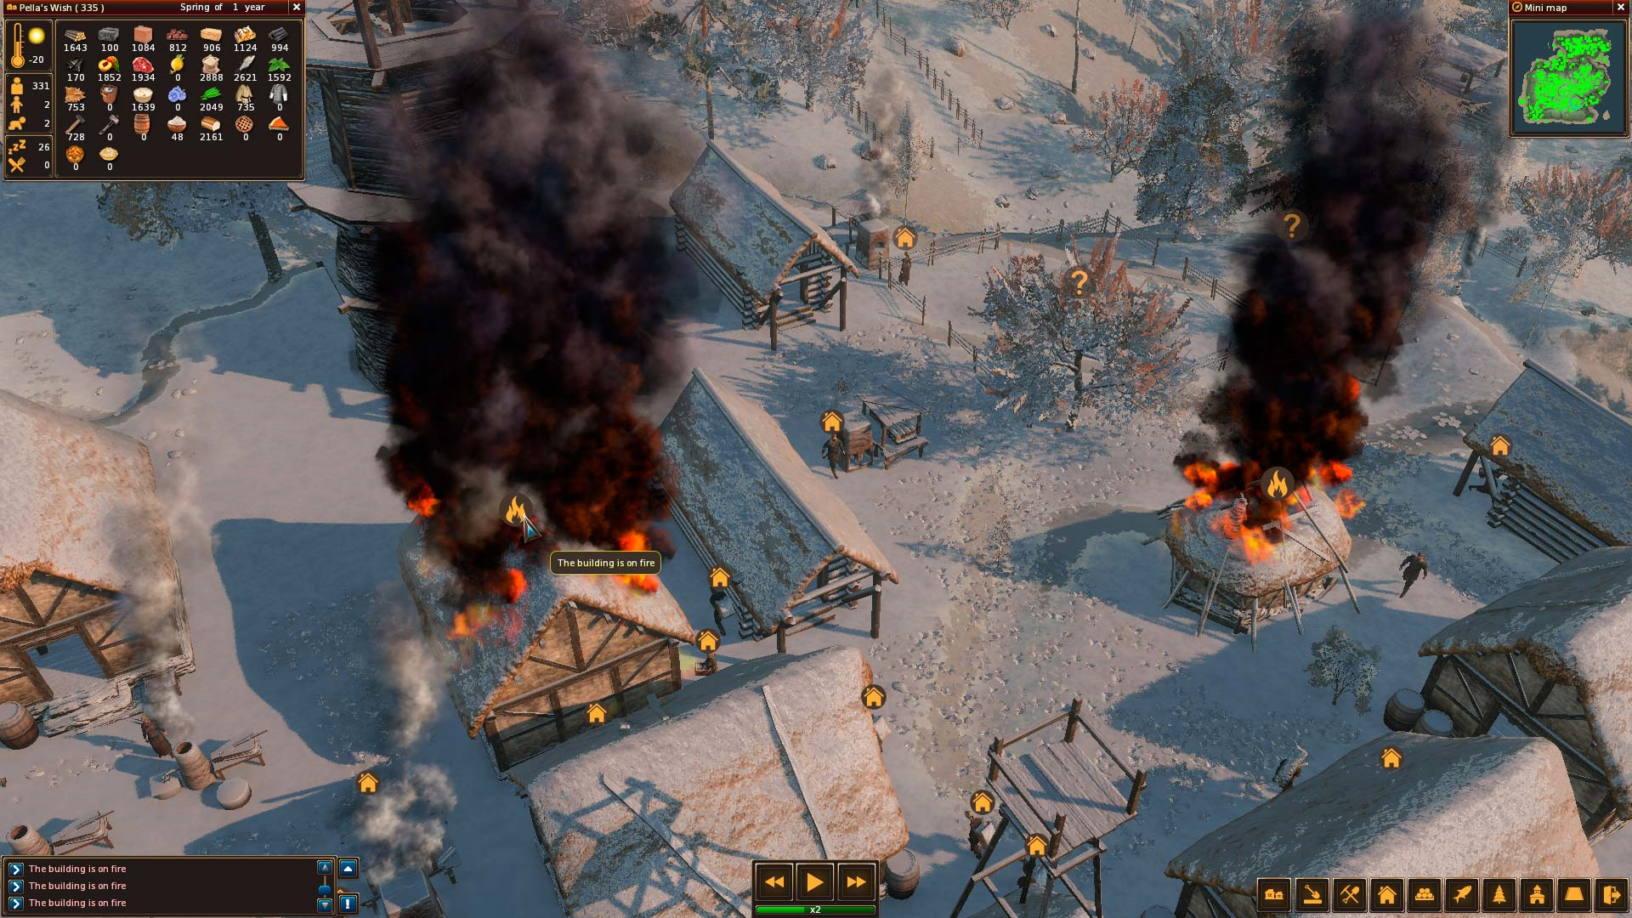 Life is feudal forest village цель игры сюжетно ролевая игра огонь друг - огонь враг